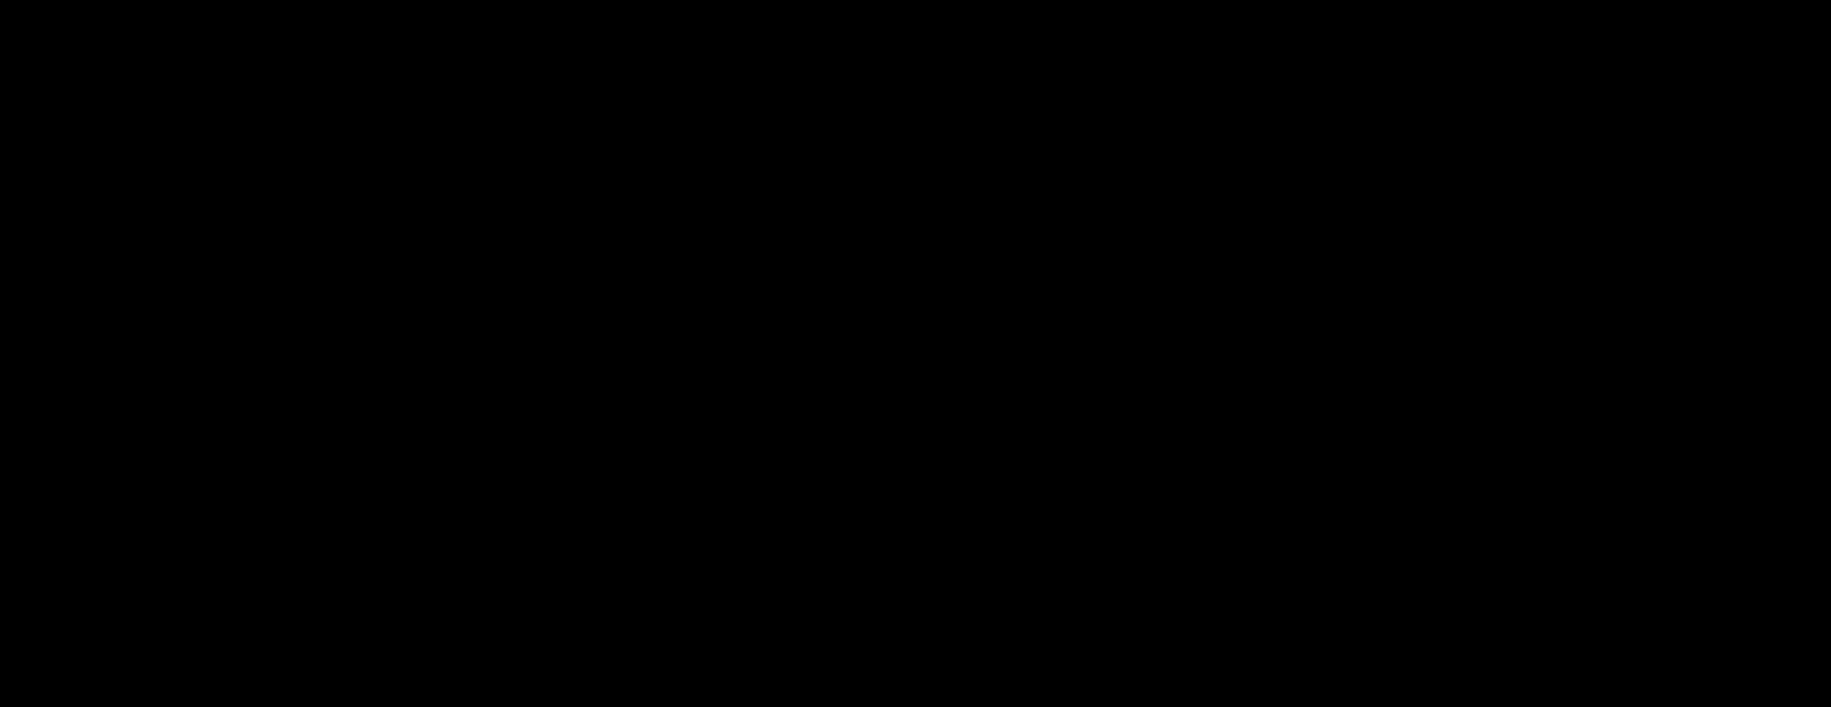 social network graph image AY38